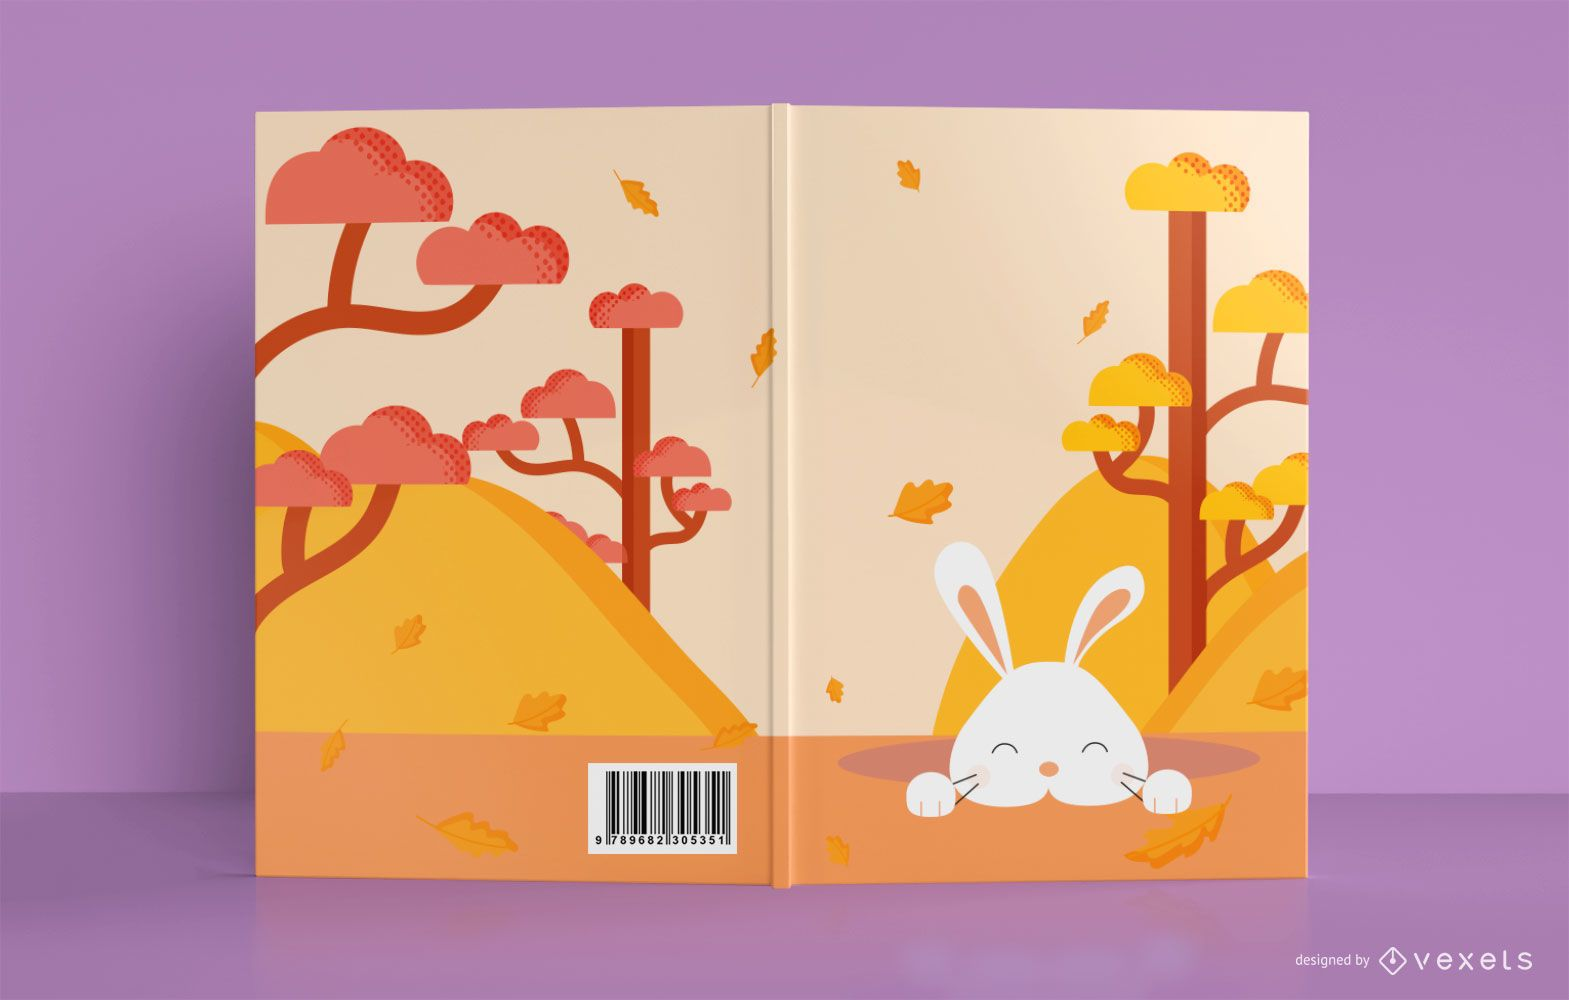 Cute Bunny Book Cover Design